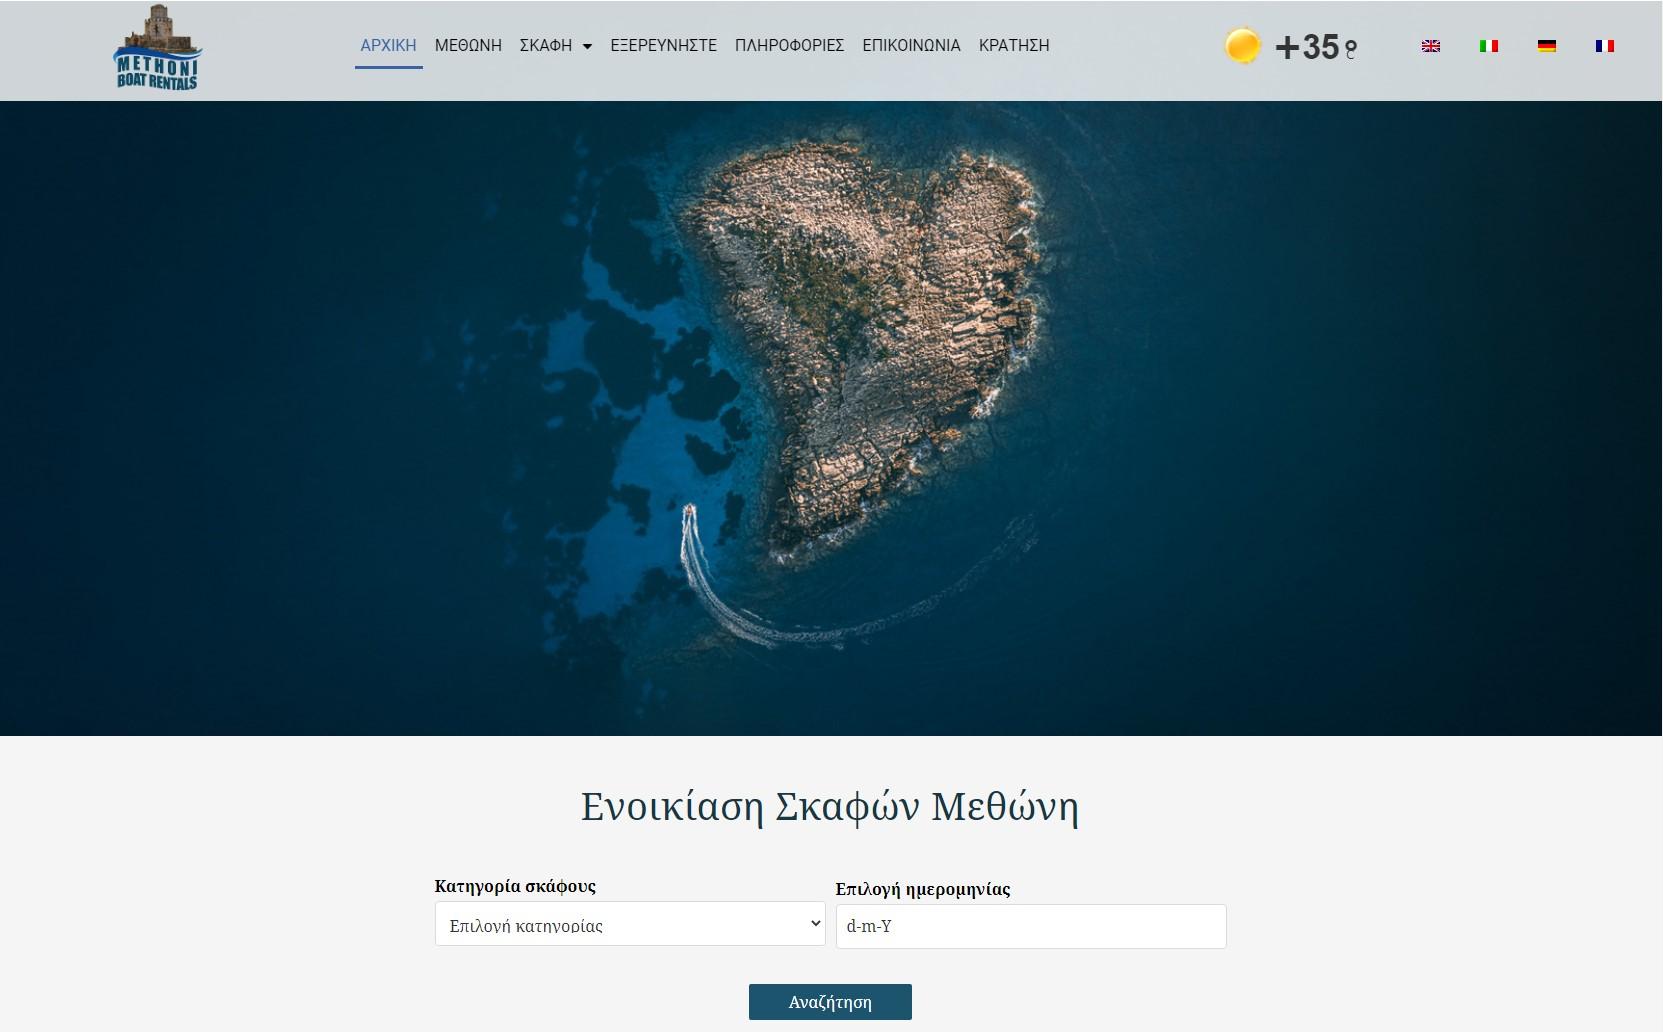 Κατασκευή Ιστοσελίδας   Ενοικίαση Σκαφών Methoni Boat Rentals